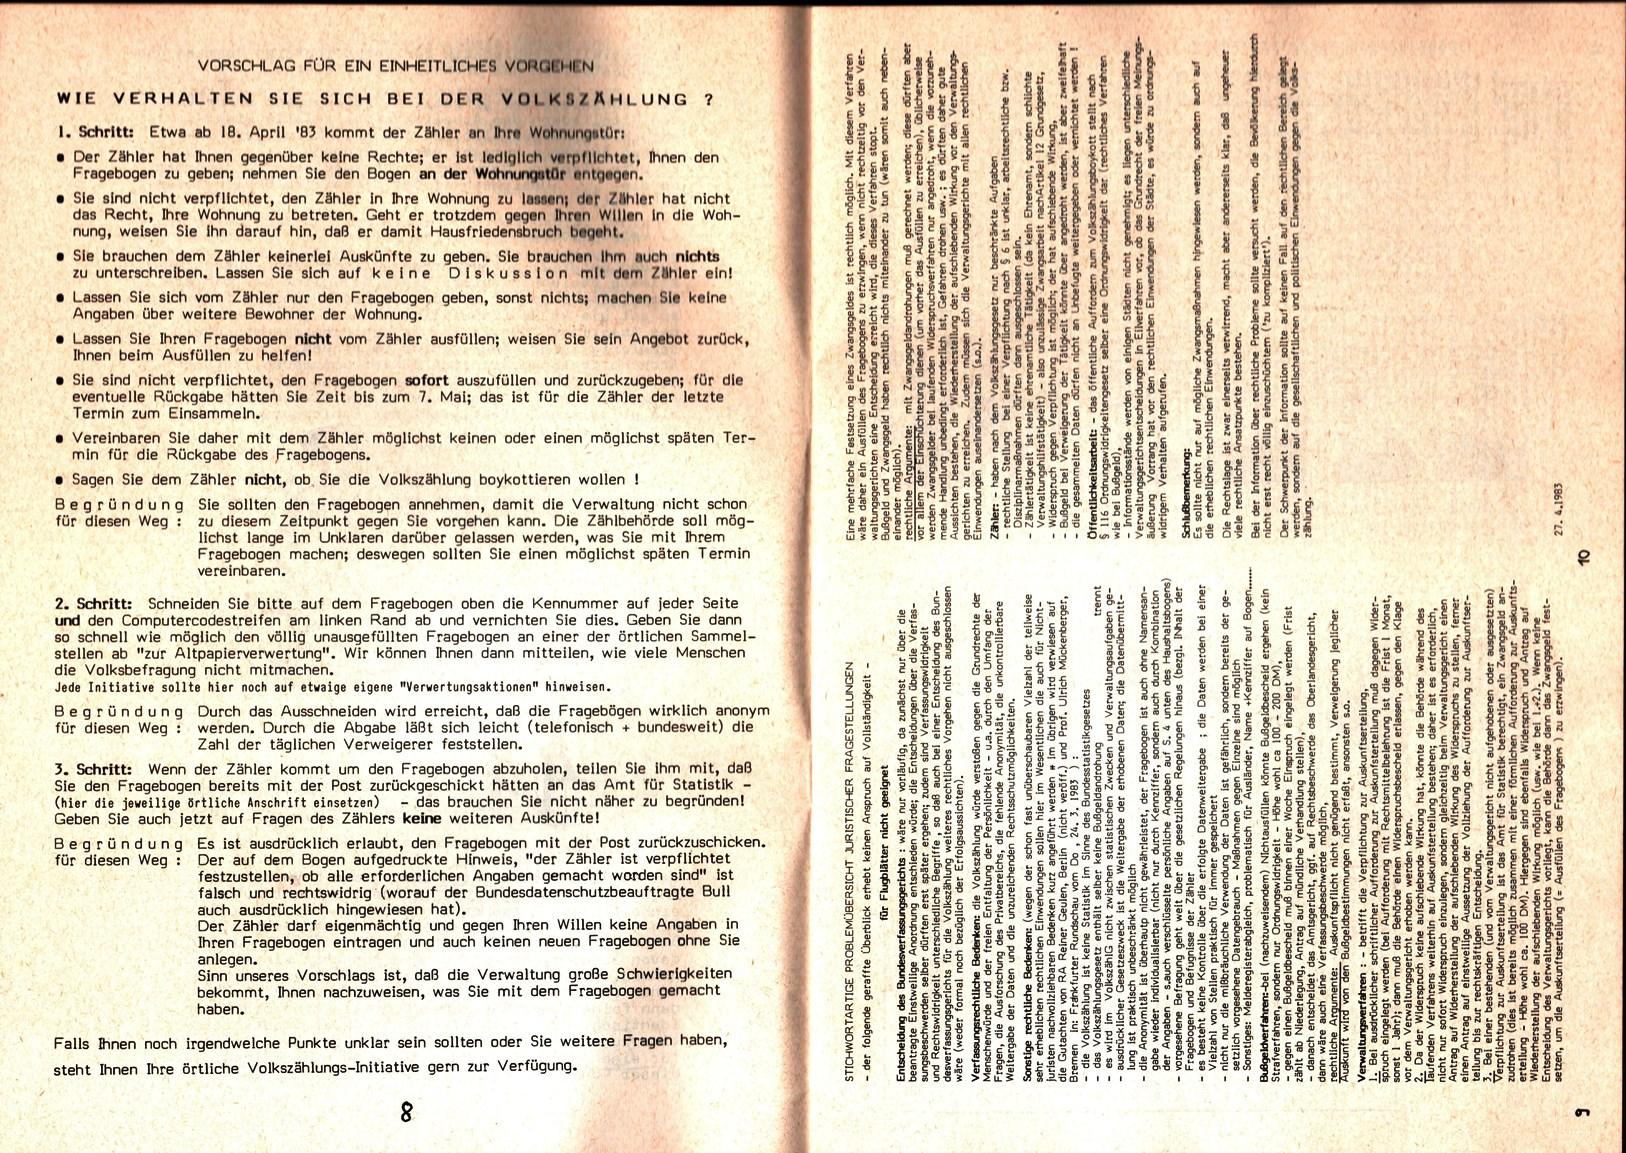 Bochum_1983_Volkszaehlungsboykotttreffen_005